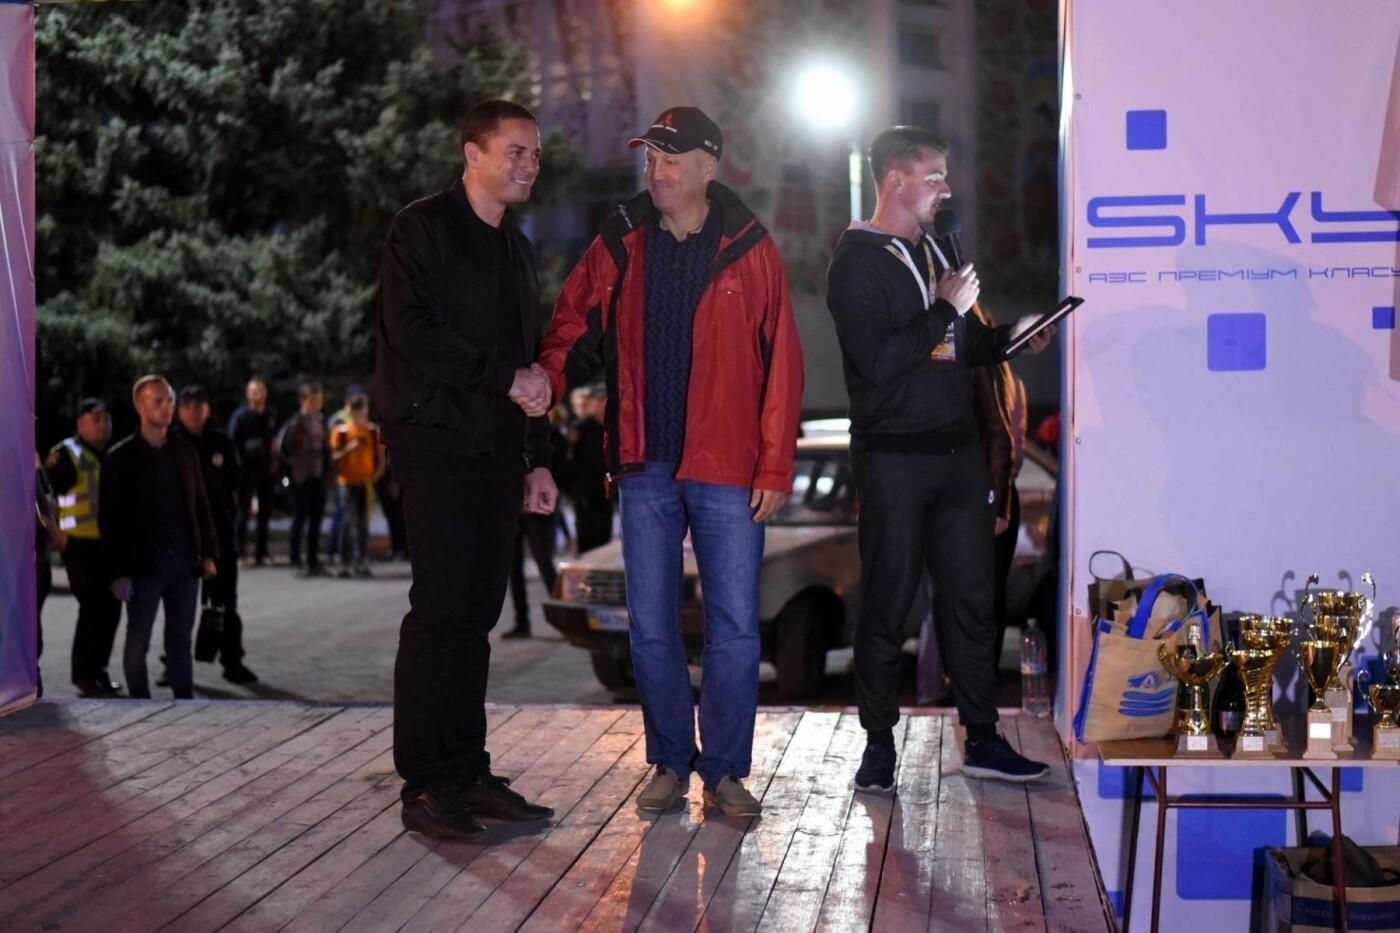 Скорость, гул моторов и море адреналина: в Каменском прошел финал Чемпионата Украины по горным гонкам, фото-5